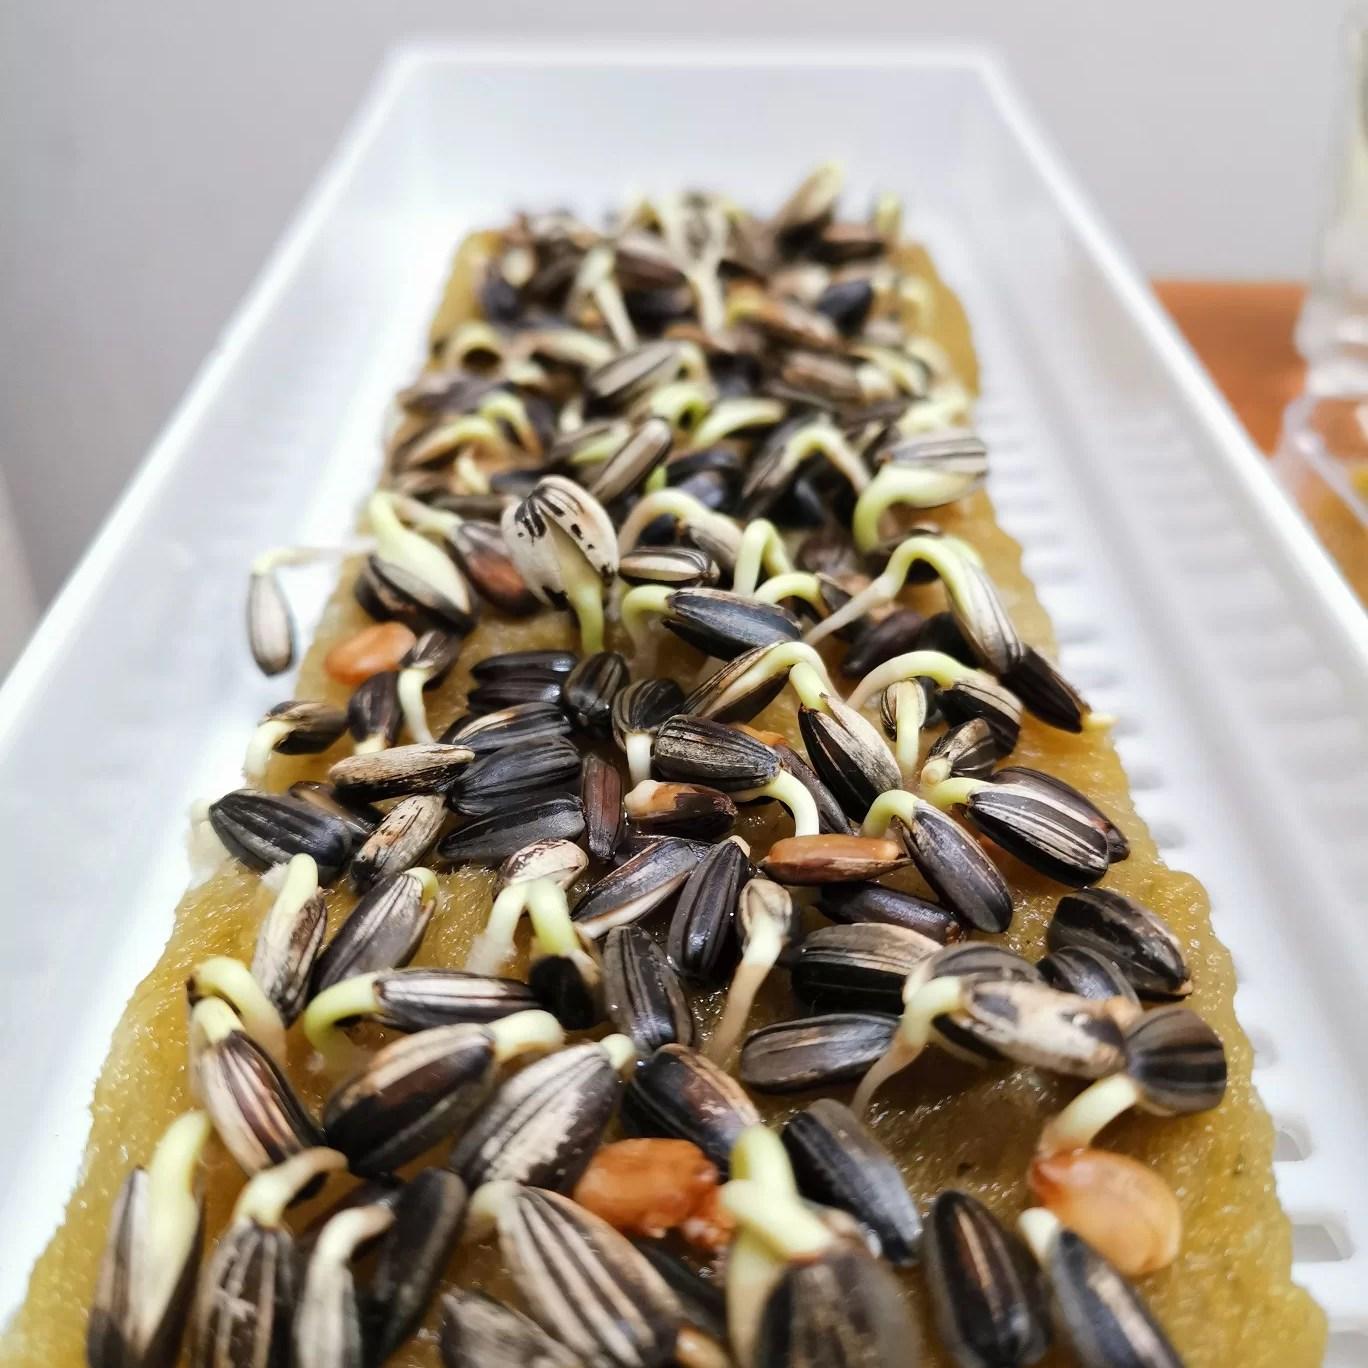 Microgreen Sunflower Seed Bunga Matahari - Benih Biji